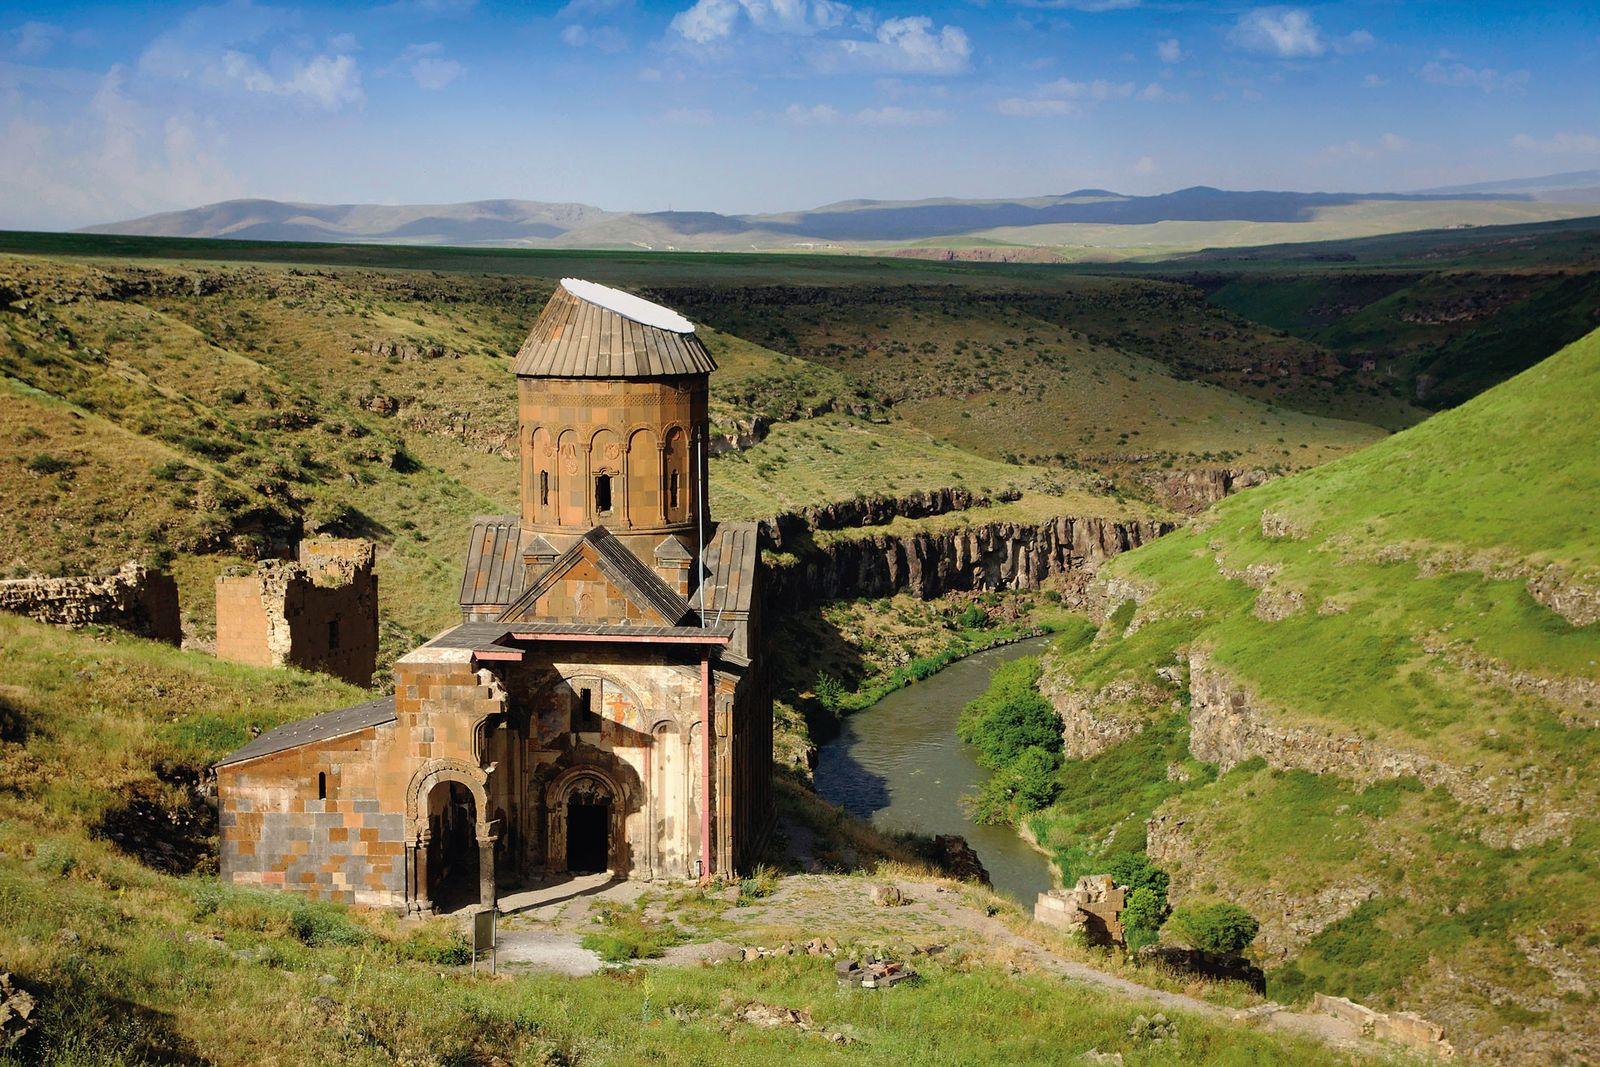 La ville aux mille et une églises survit à travers ses ruines